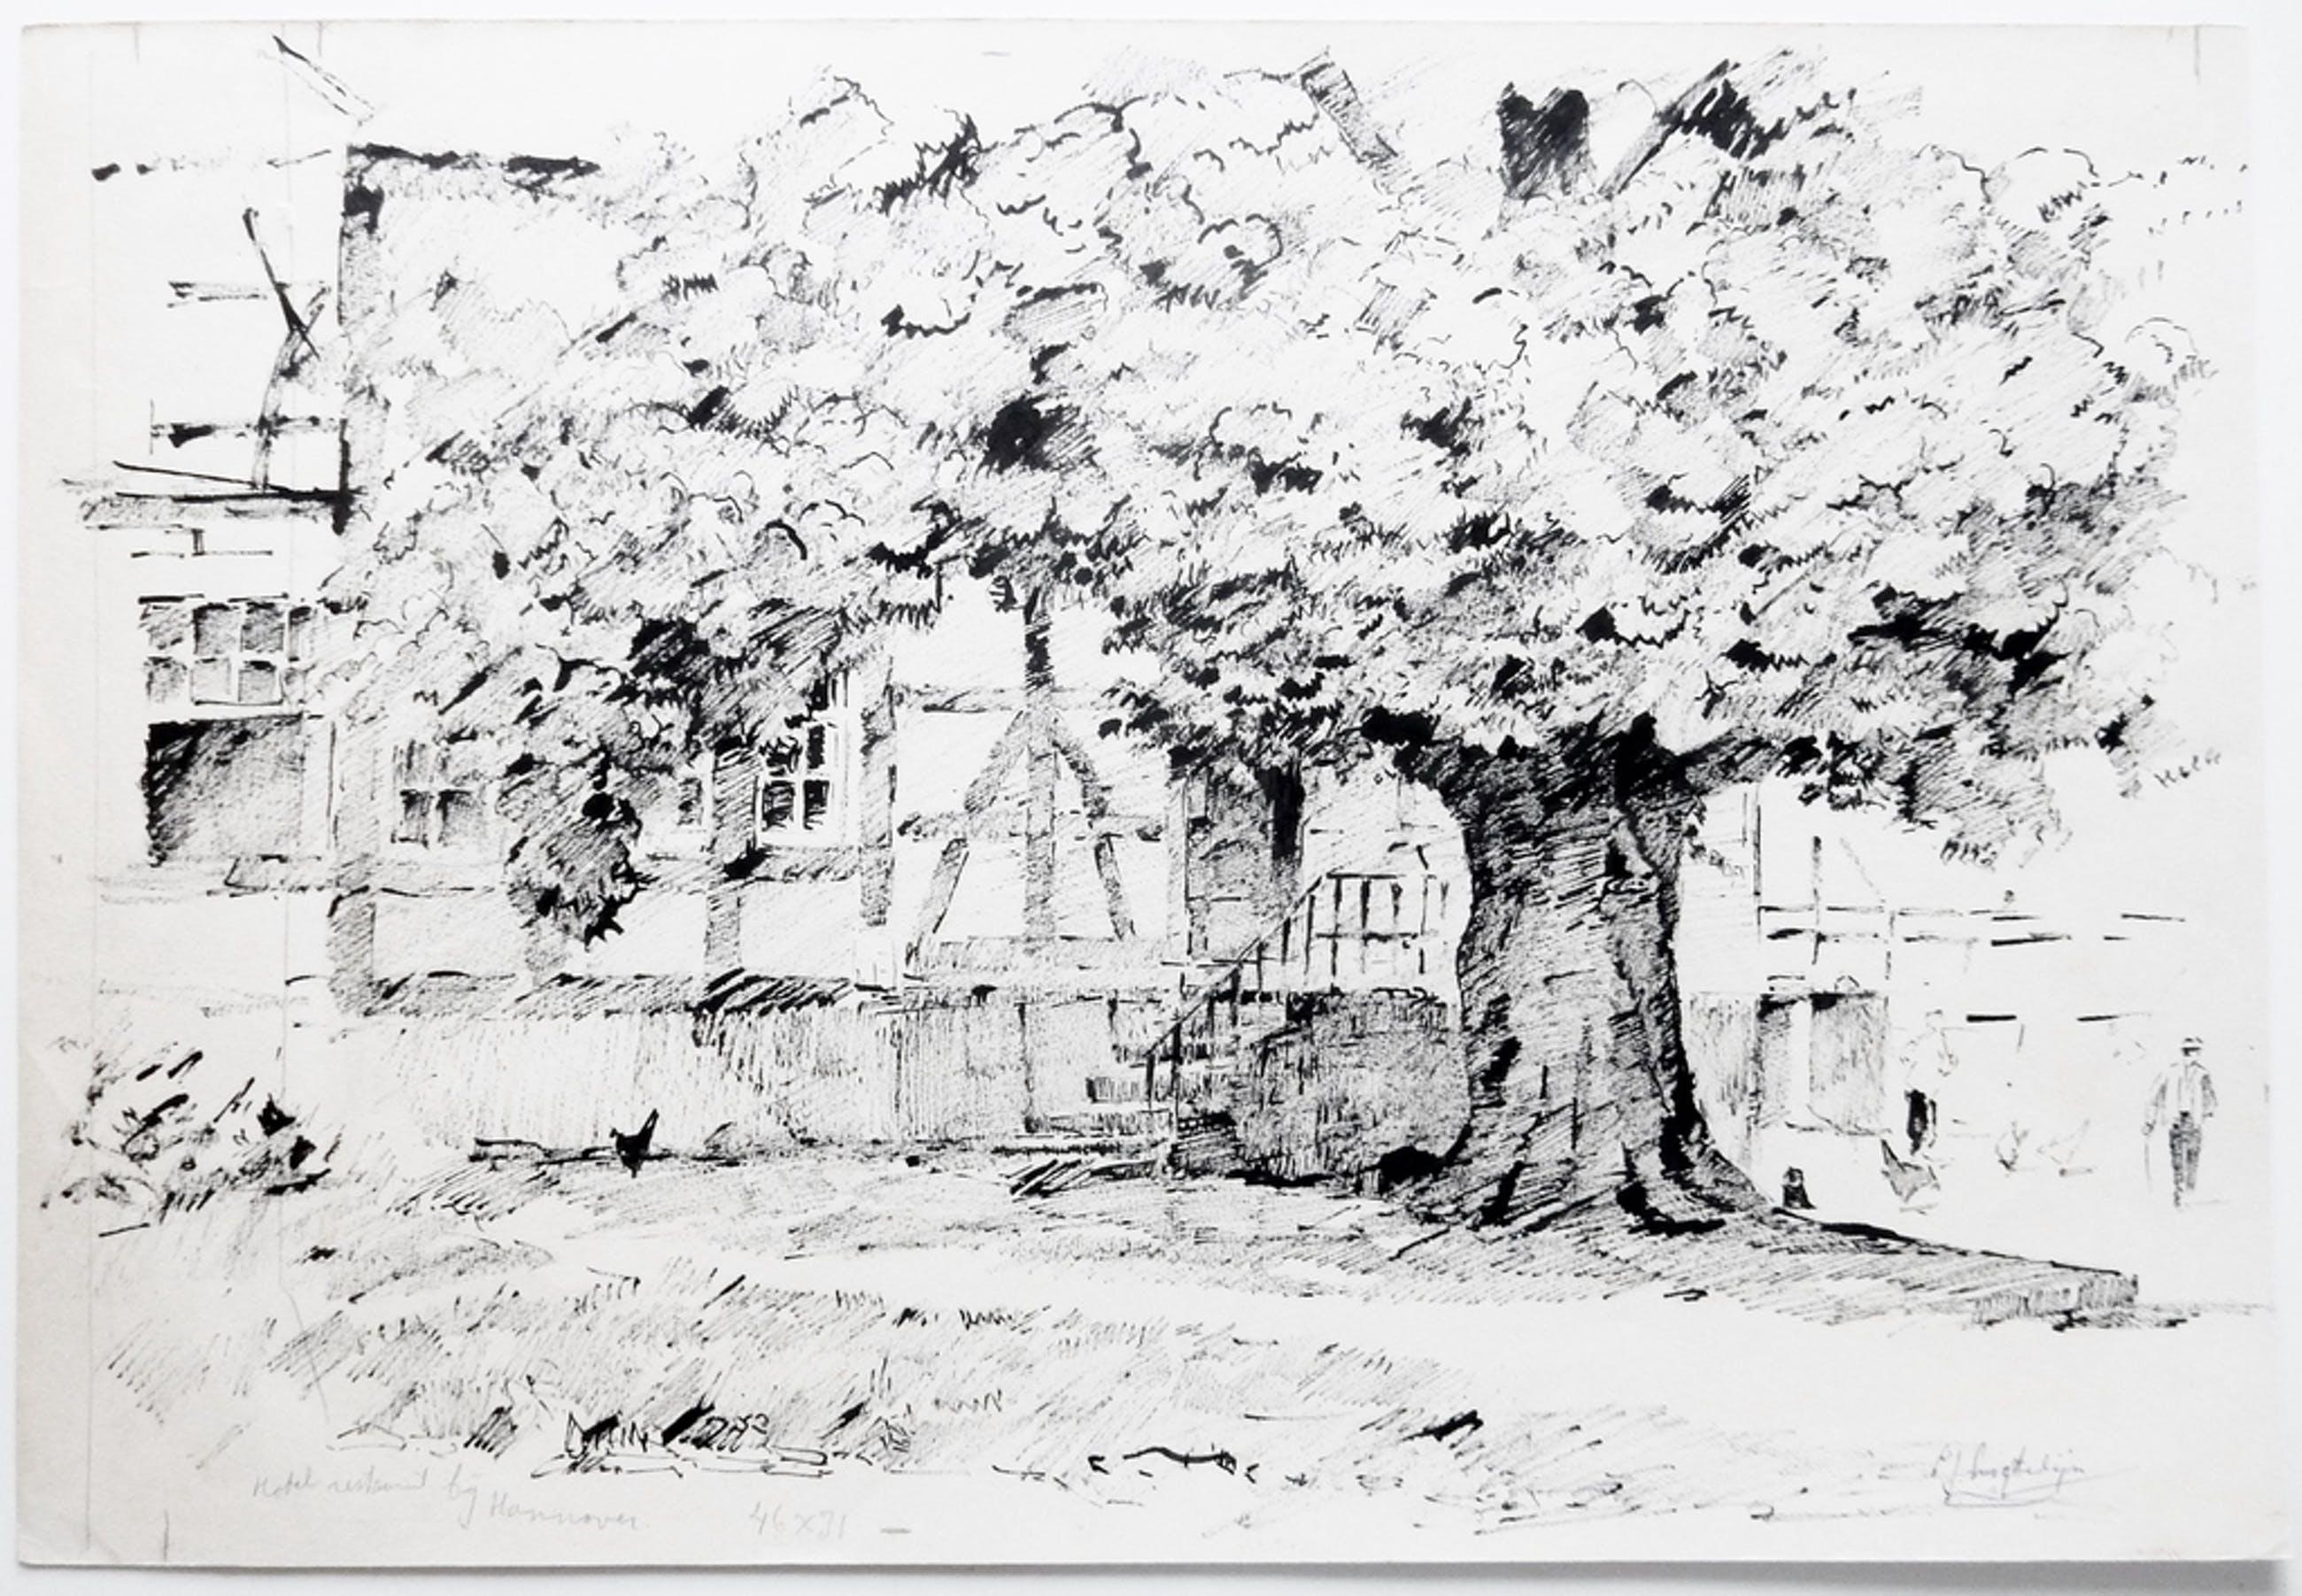 Evert-Jan Ligtelijn (1893-1975) - Inkttekening Hannover, rond 1955 kopen? Bied vanaf 125!